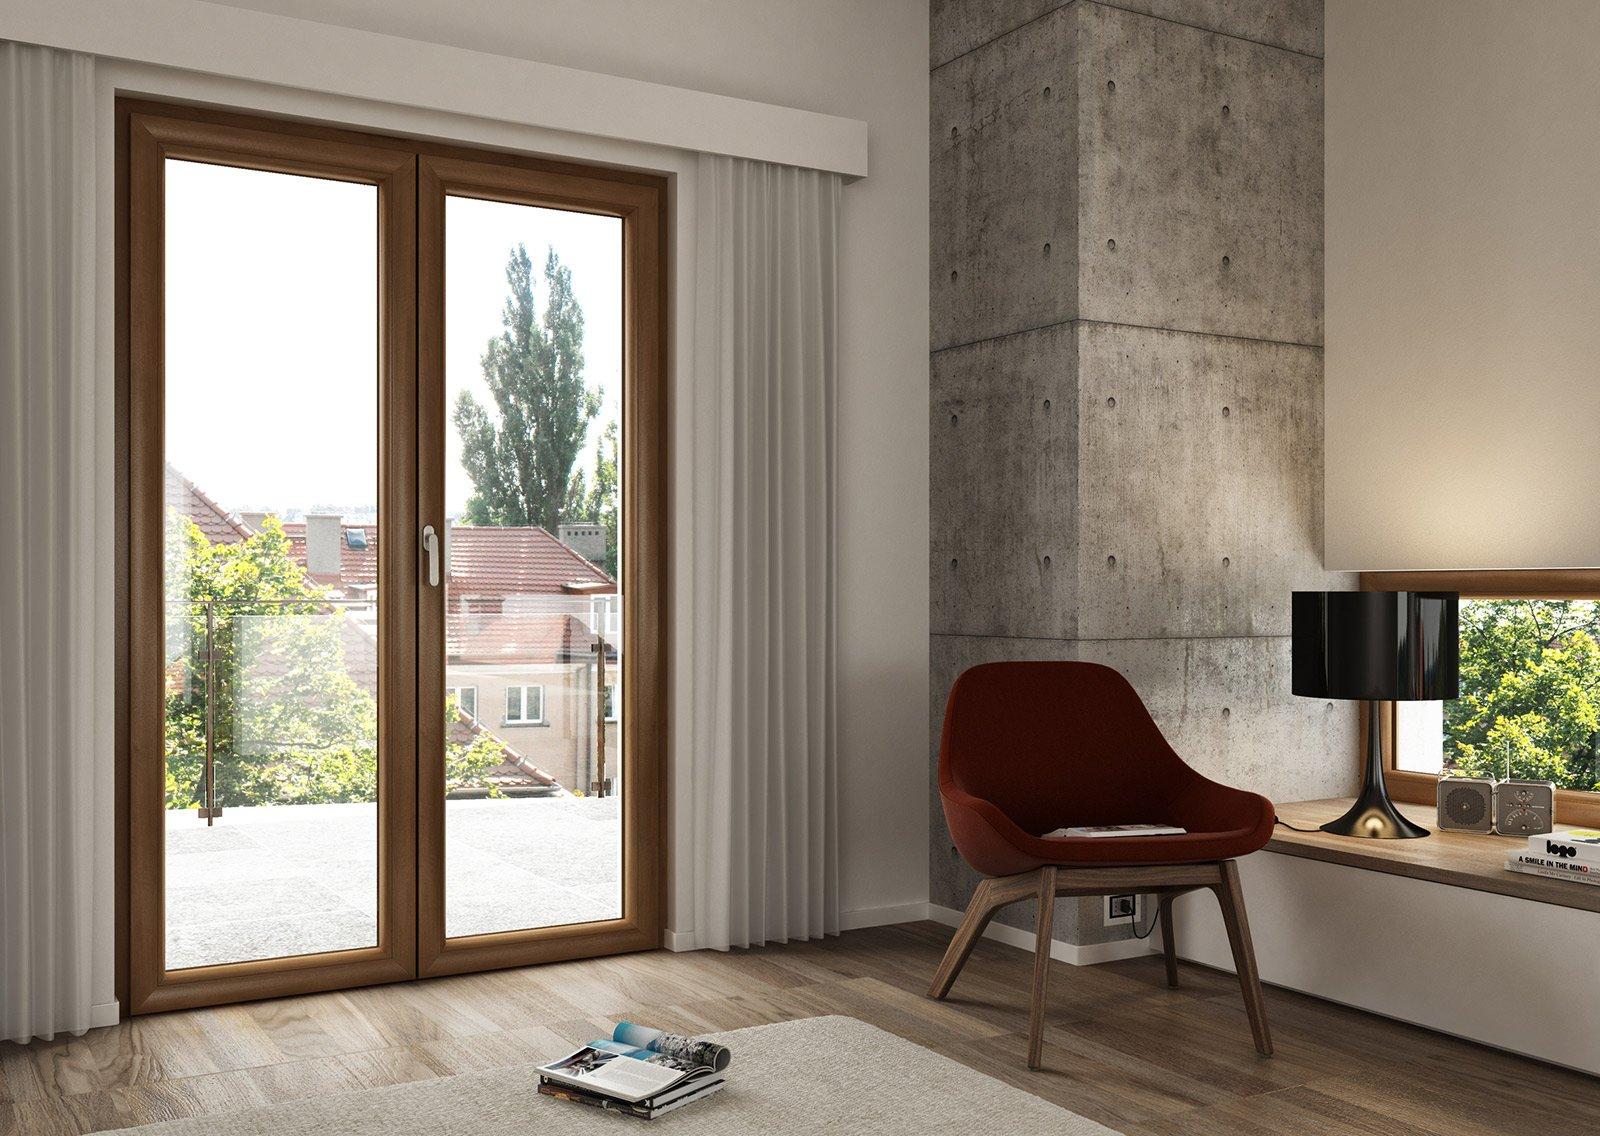 Casabook immobiliare 65 di sconto fiscale per le nuove - Profili per finestre ...